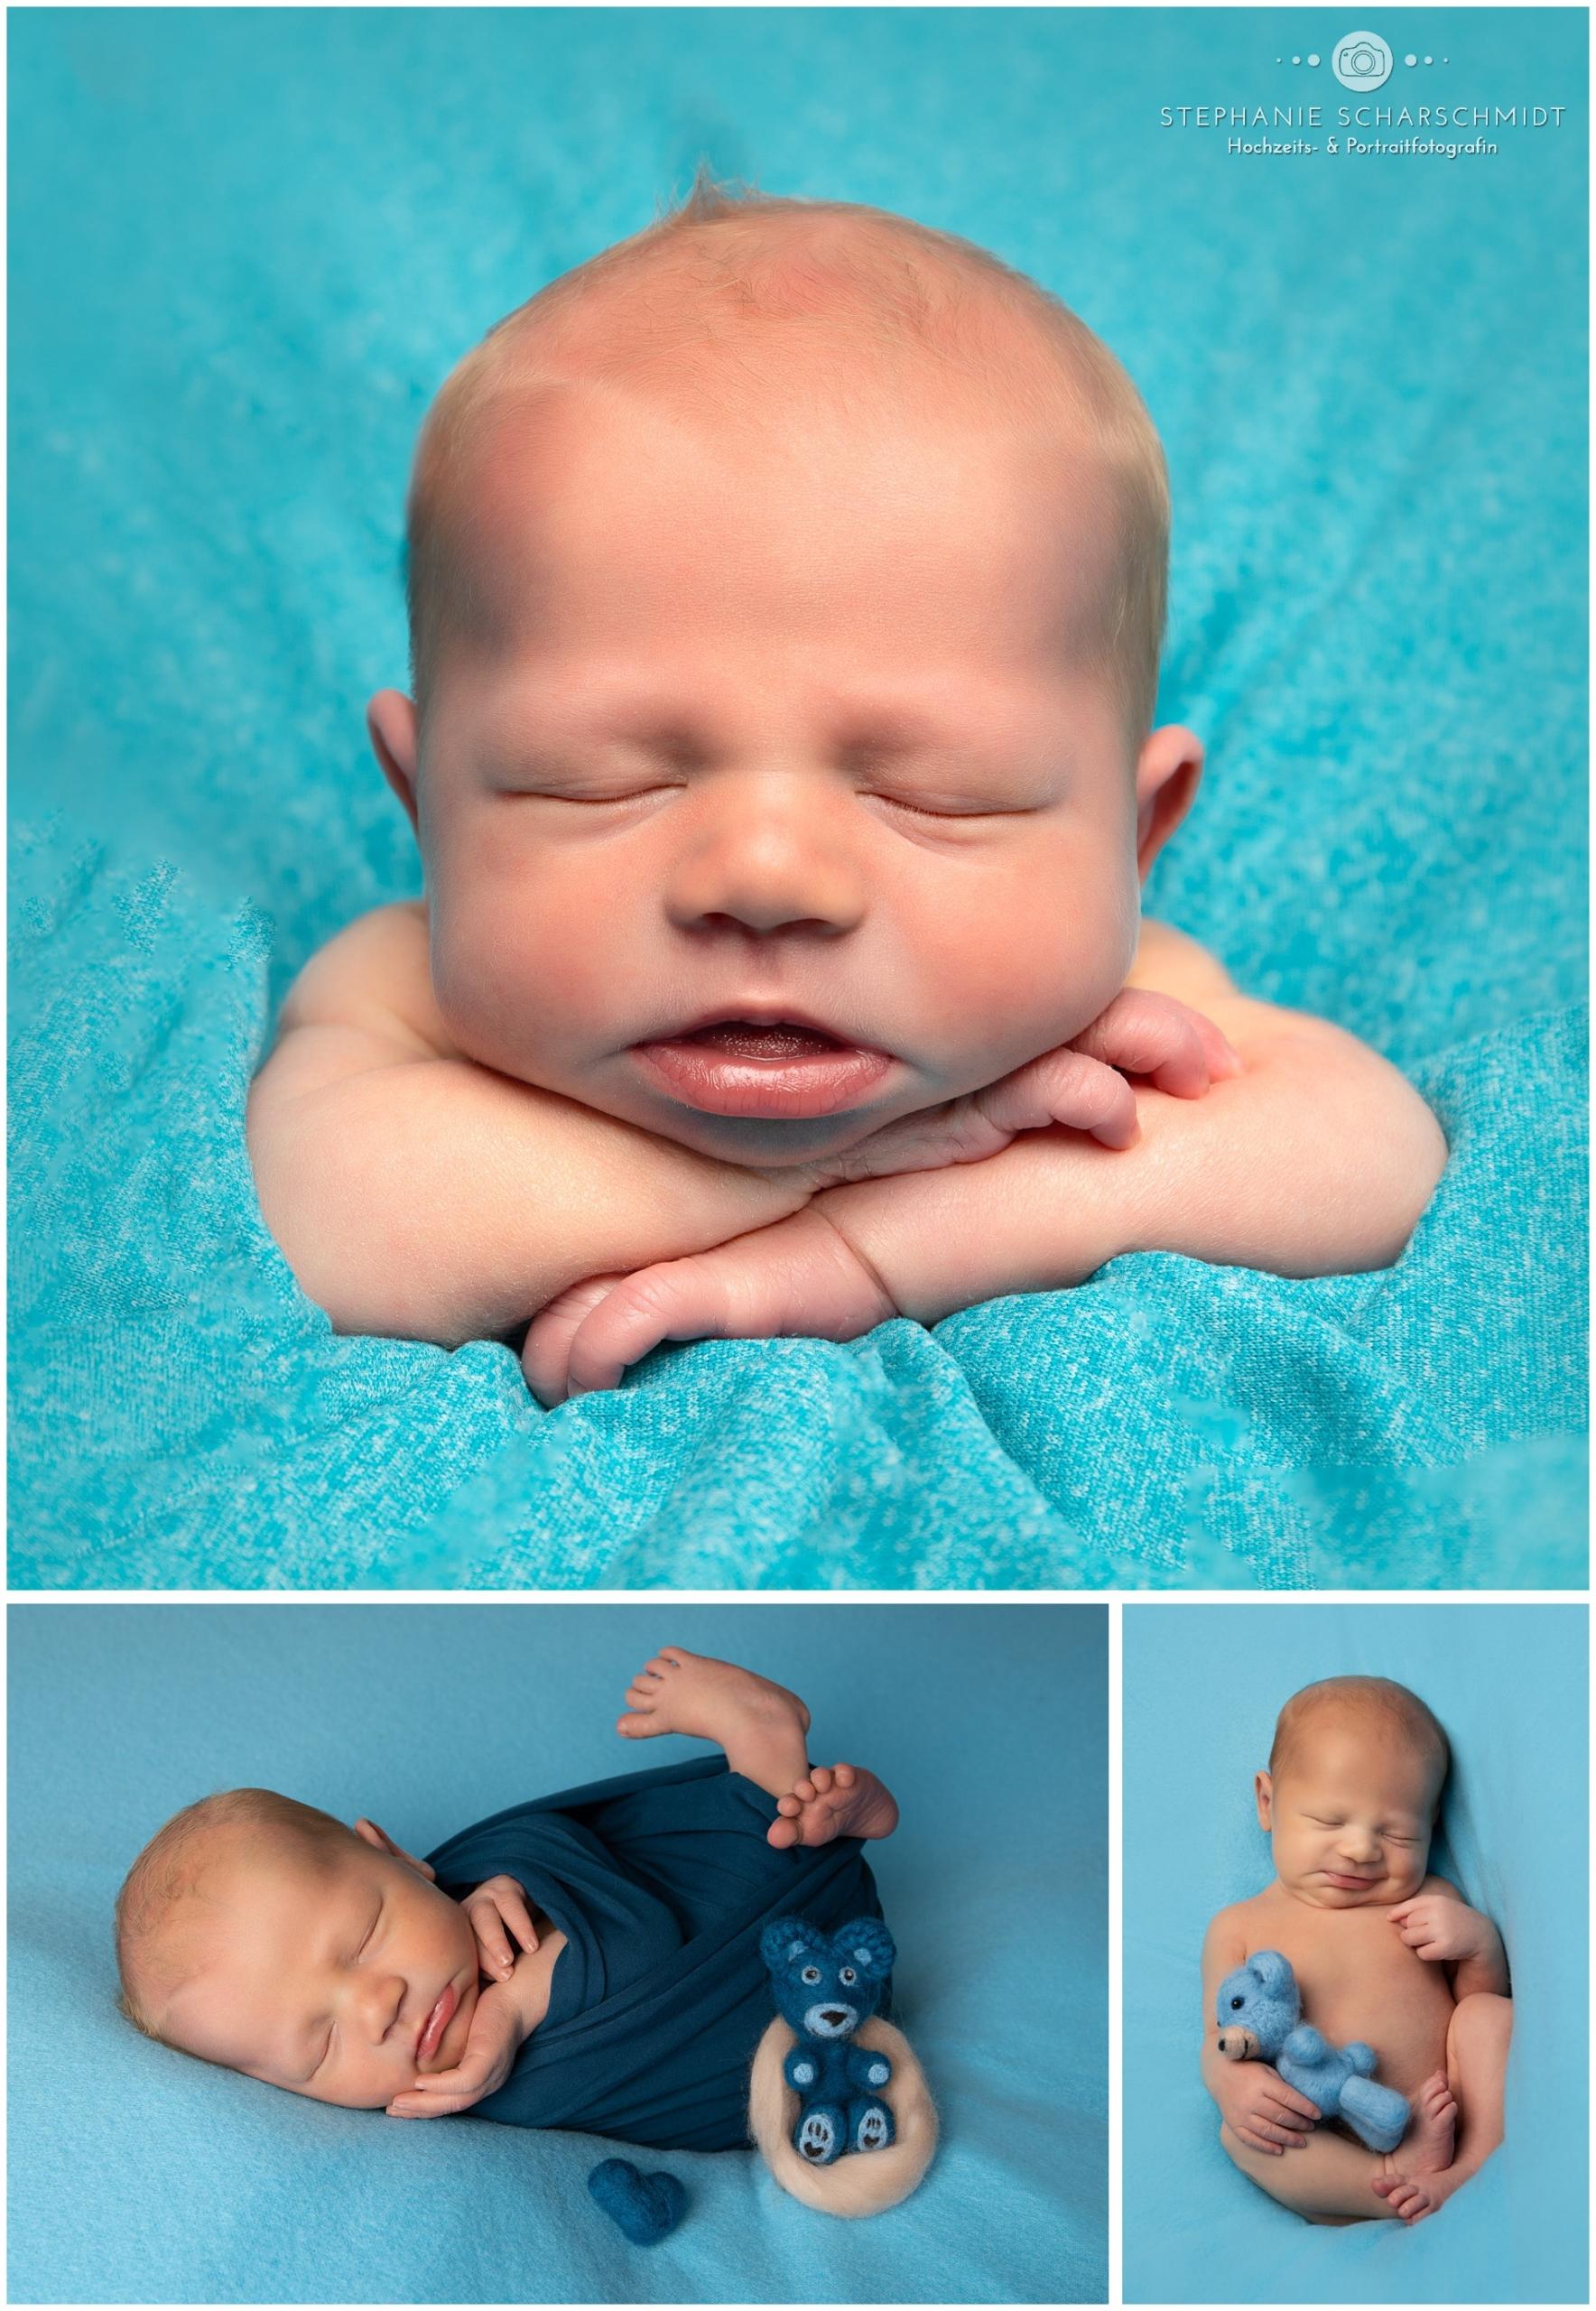 19-08-05 05 Neugeborenenfotos Plauen - Stephanie Scharschmidt